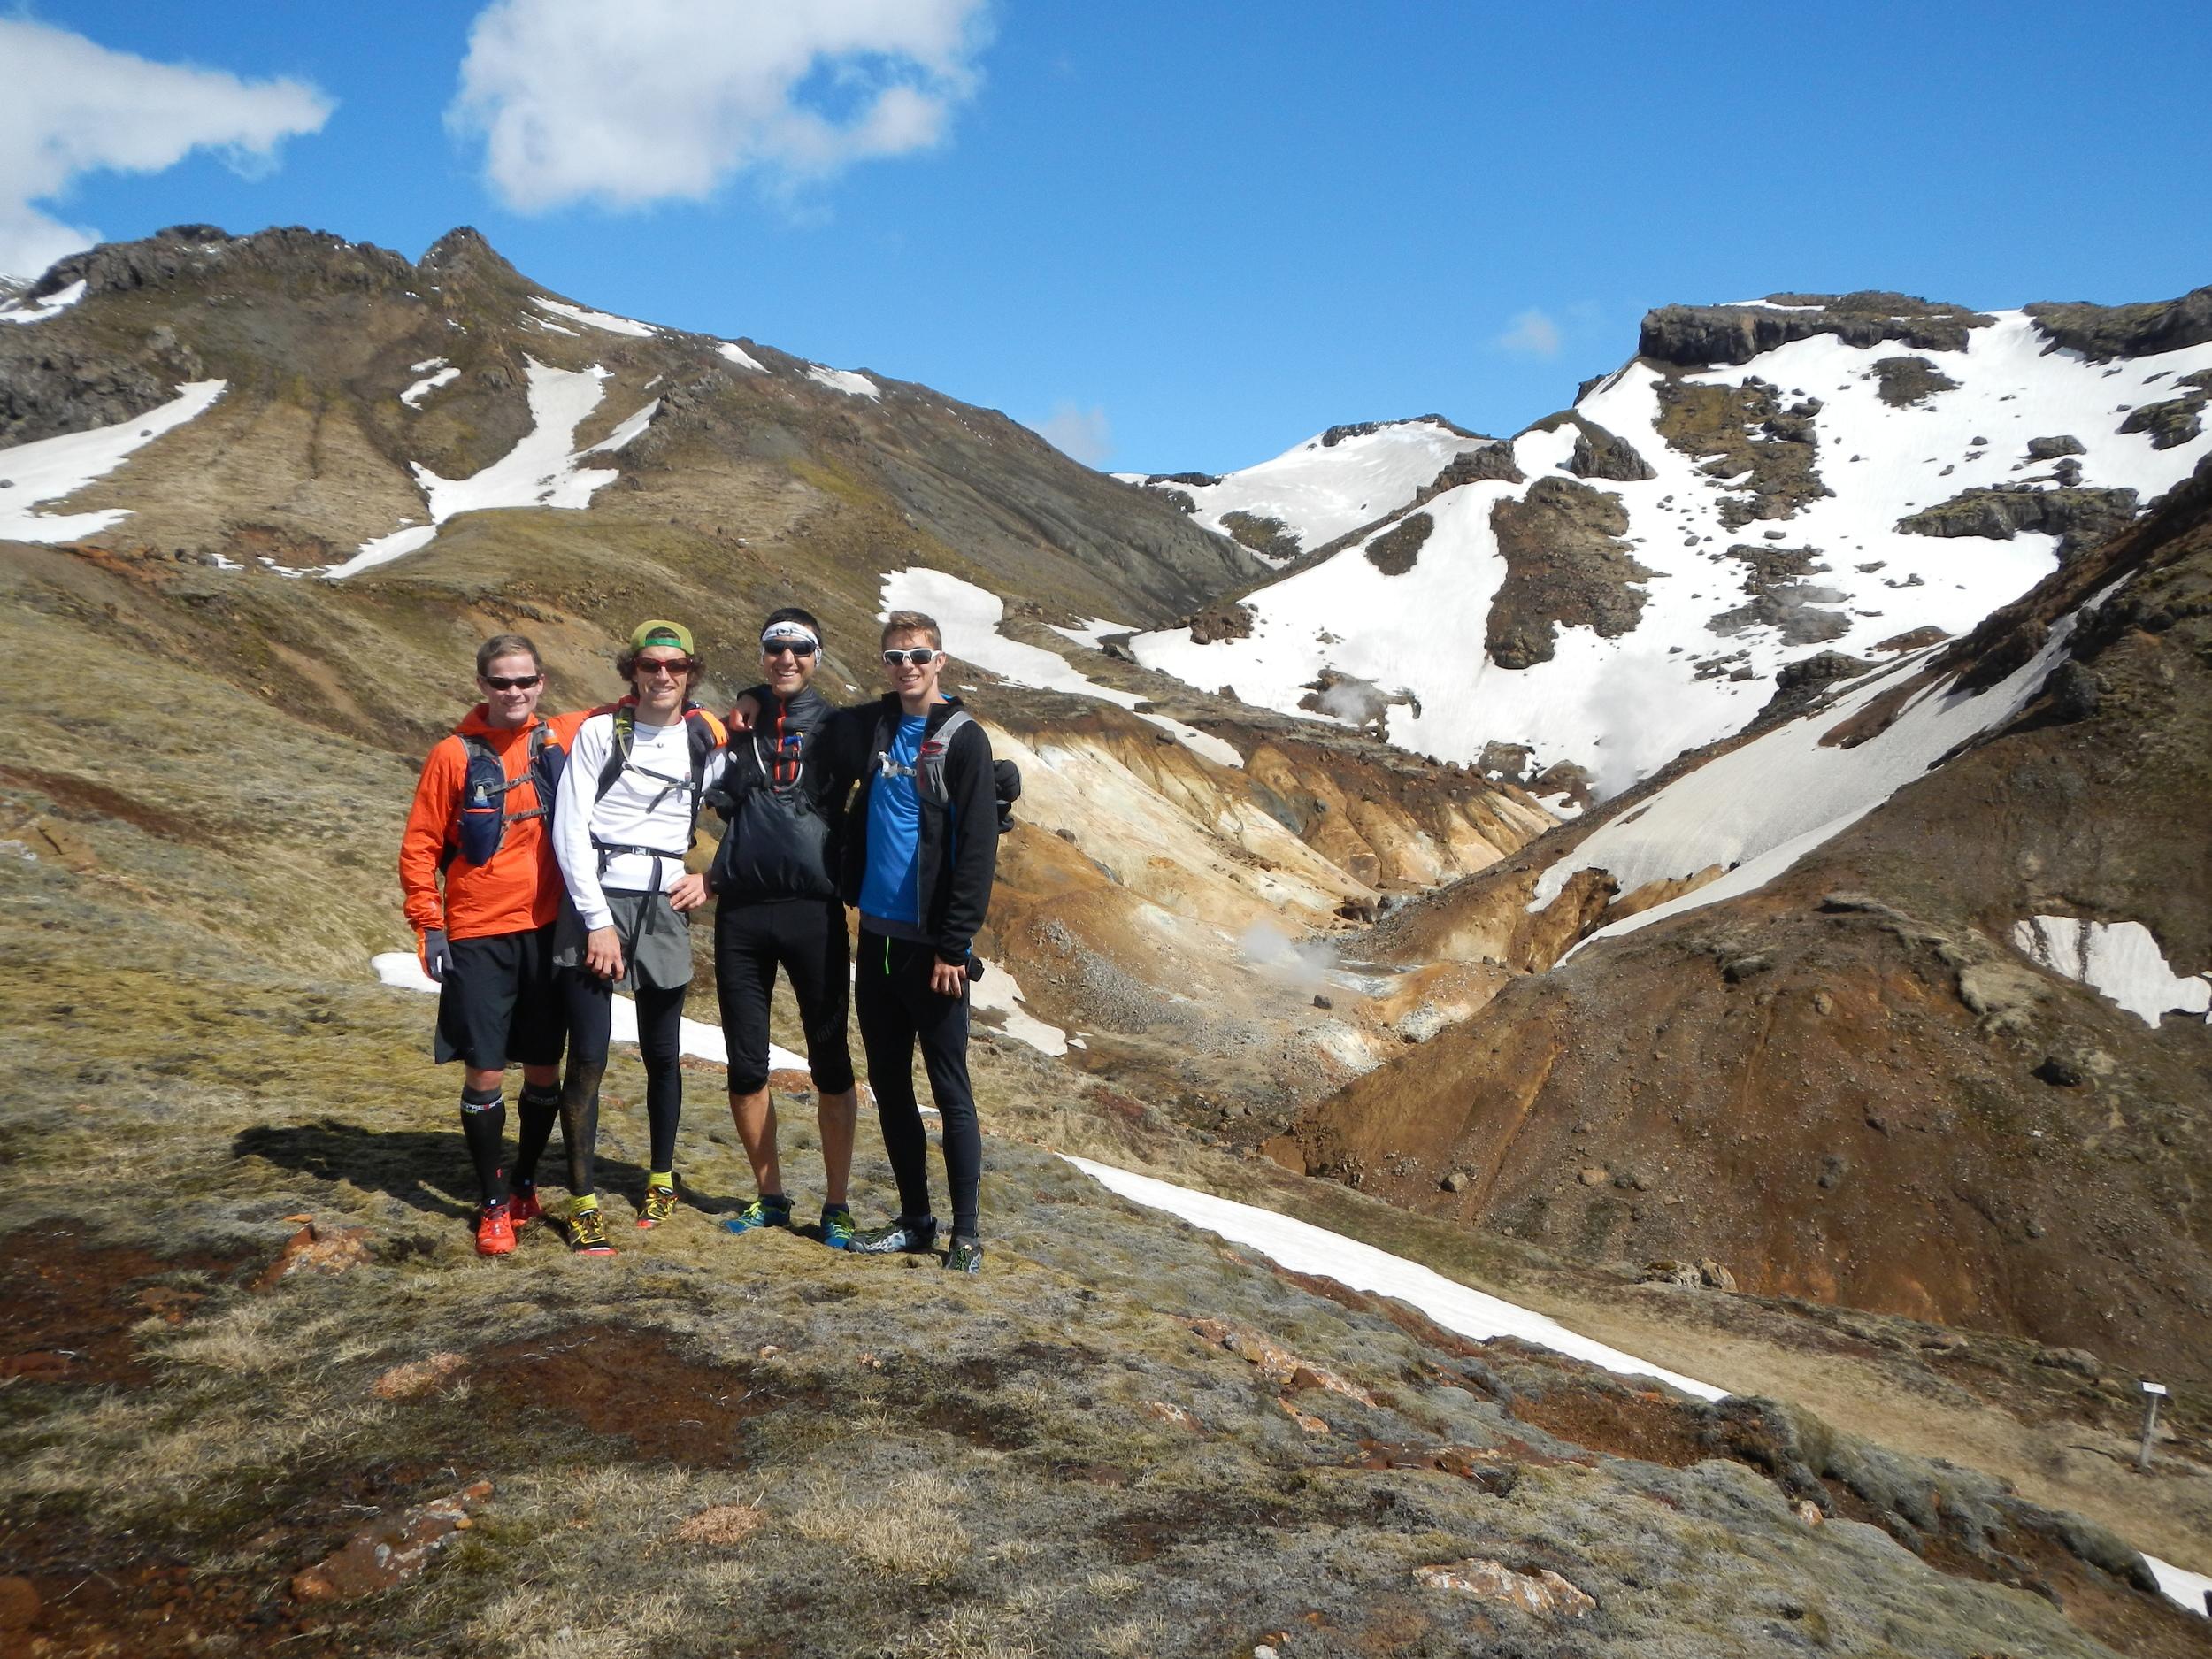 Four man standing on a mountain ridge